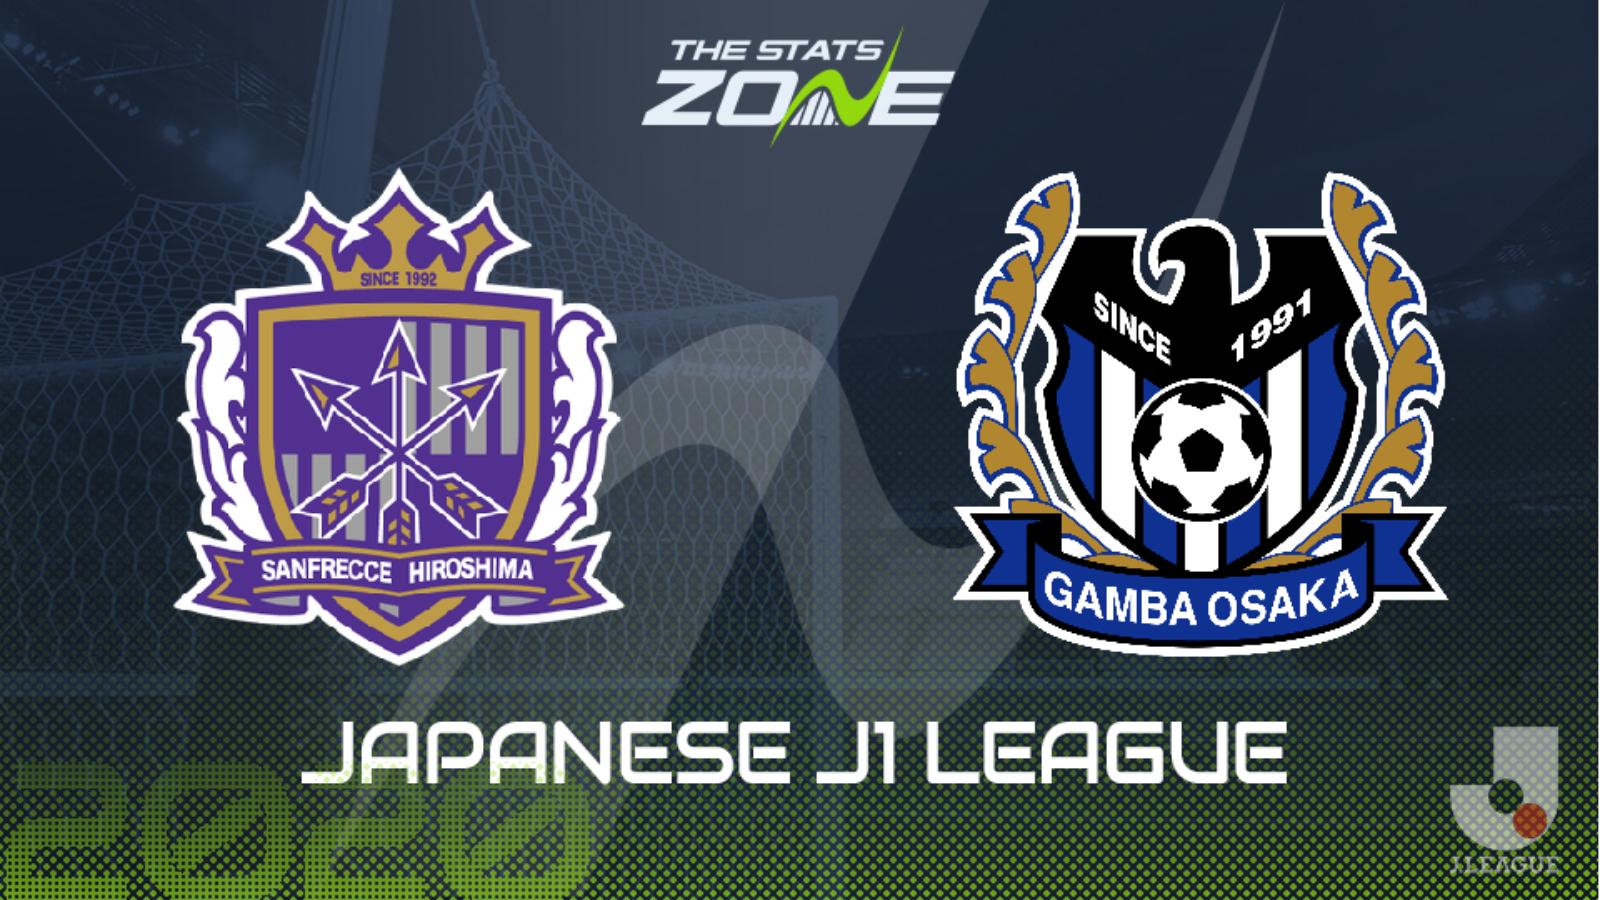 Gamba osaka vs sanfrecce hiroshima betting tips nj sports betting taxes